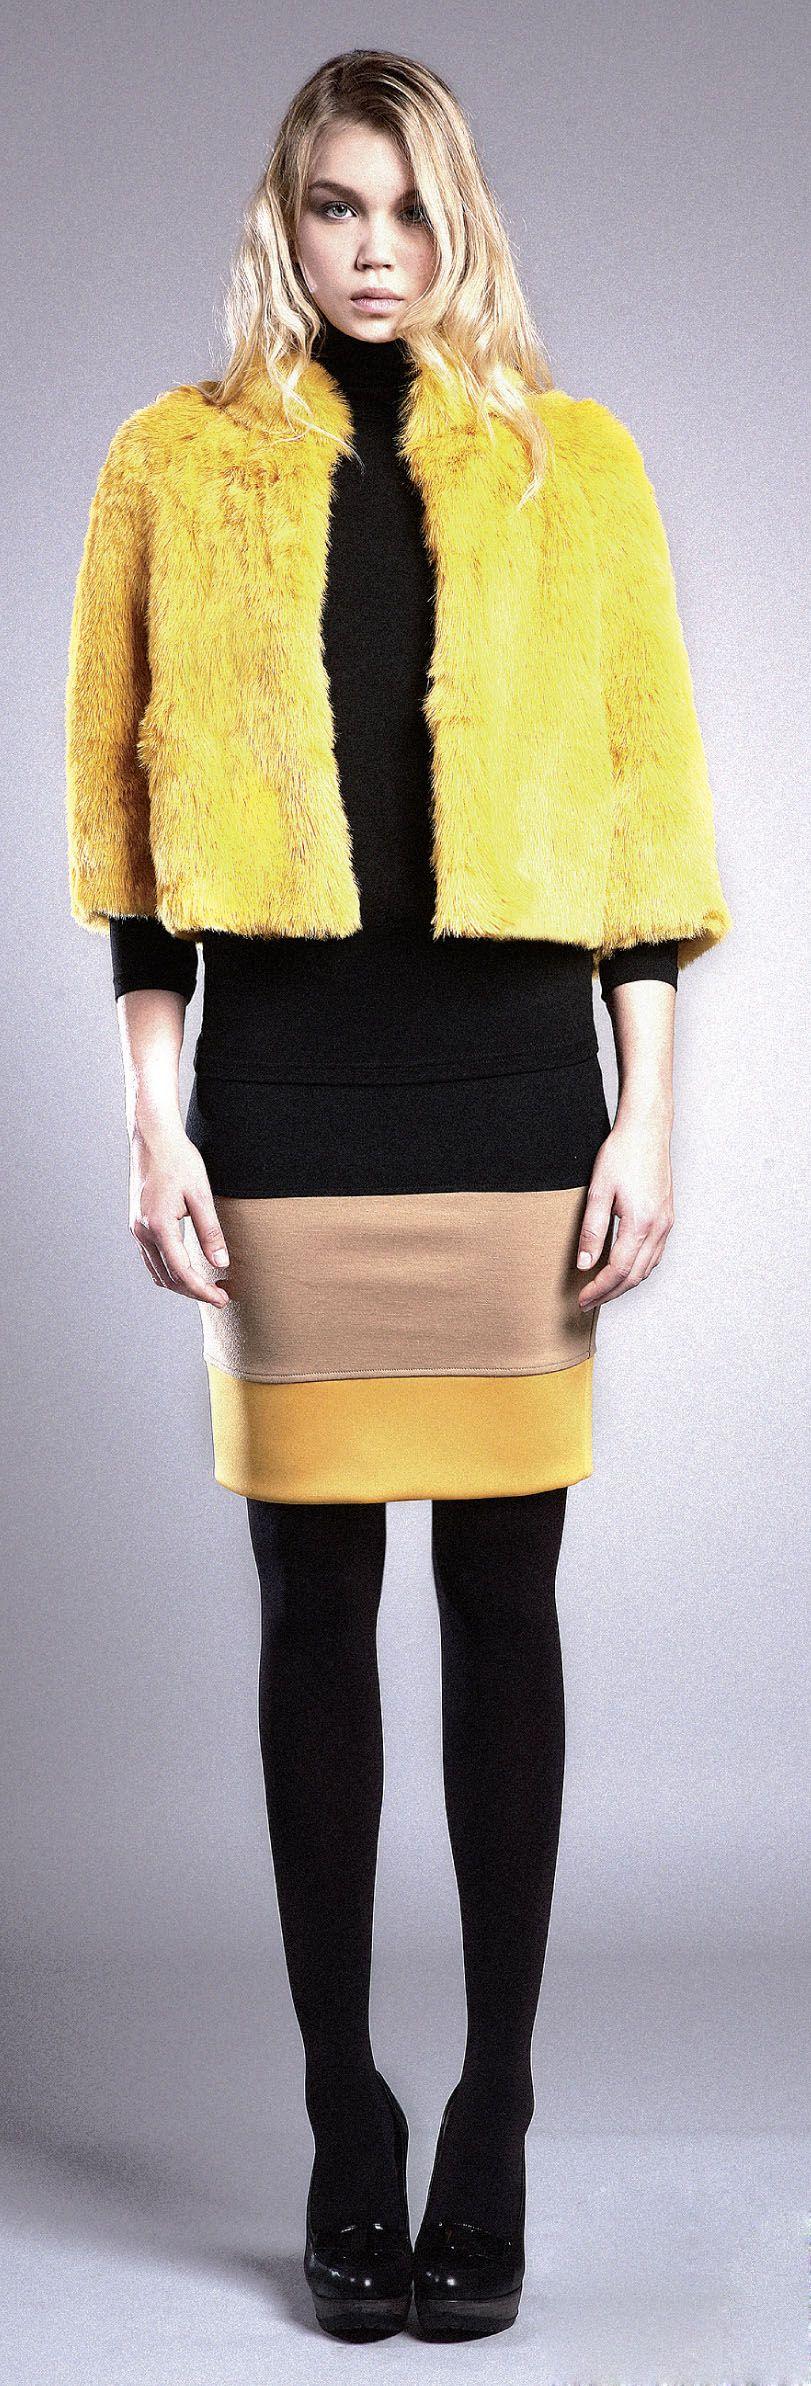 www.stylish-garderobe.eu